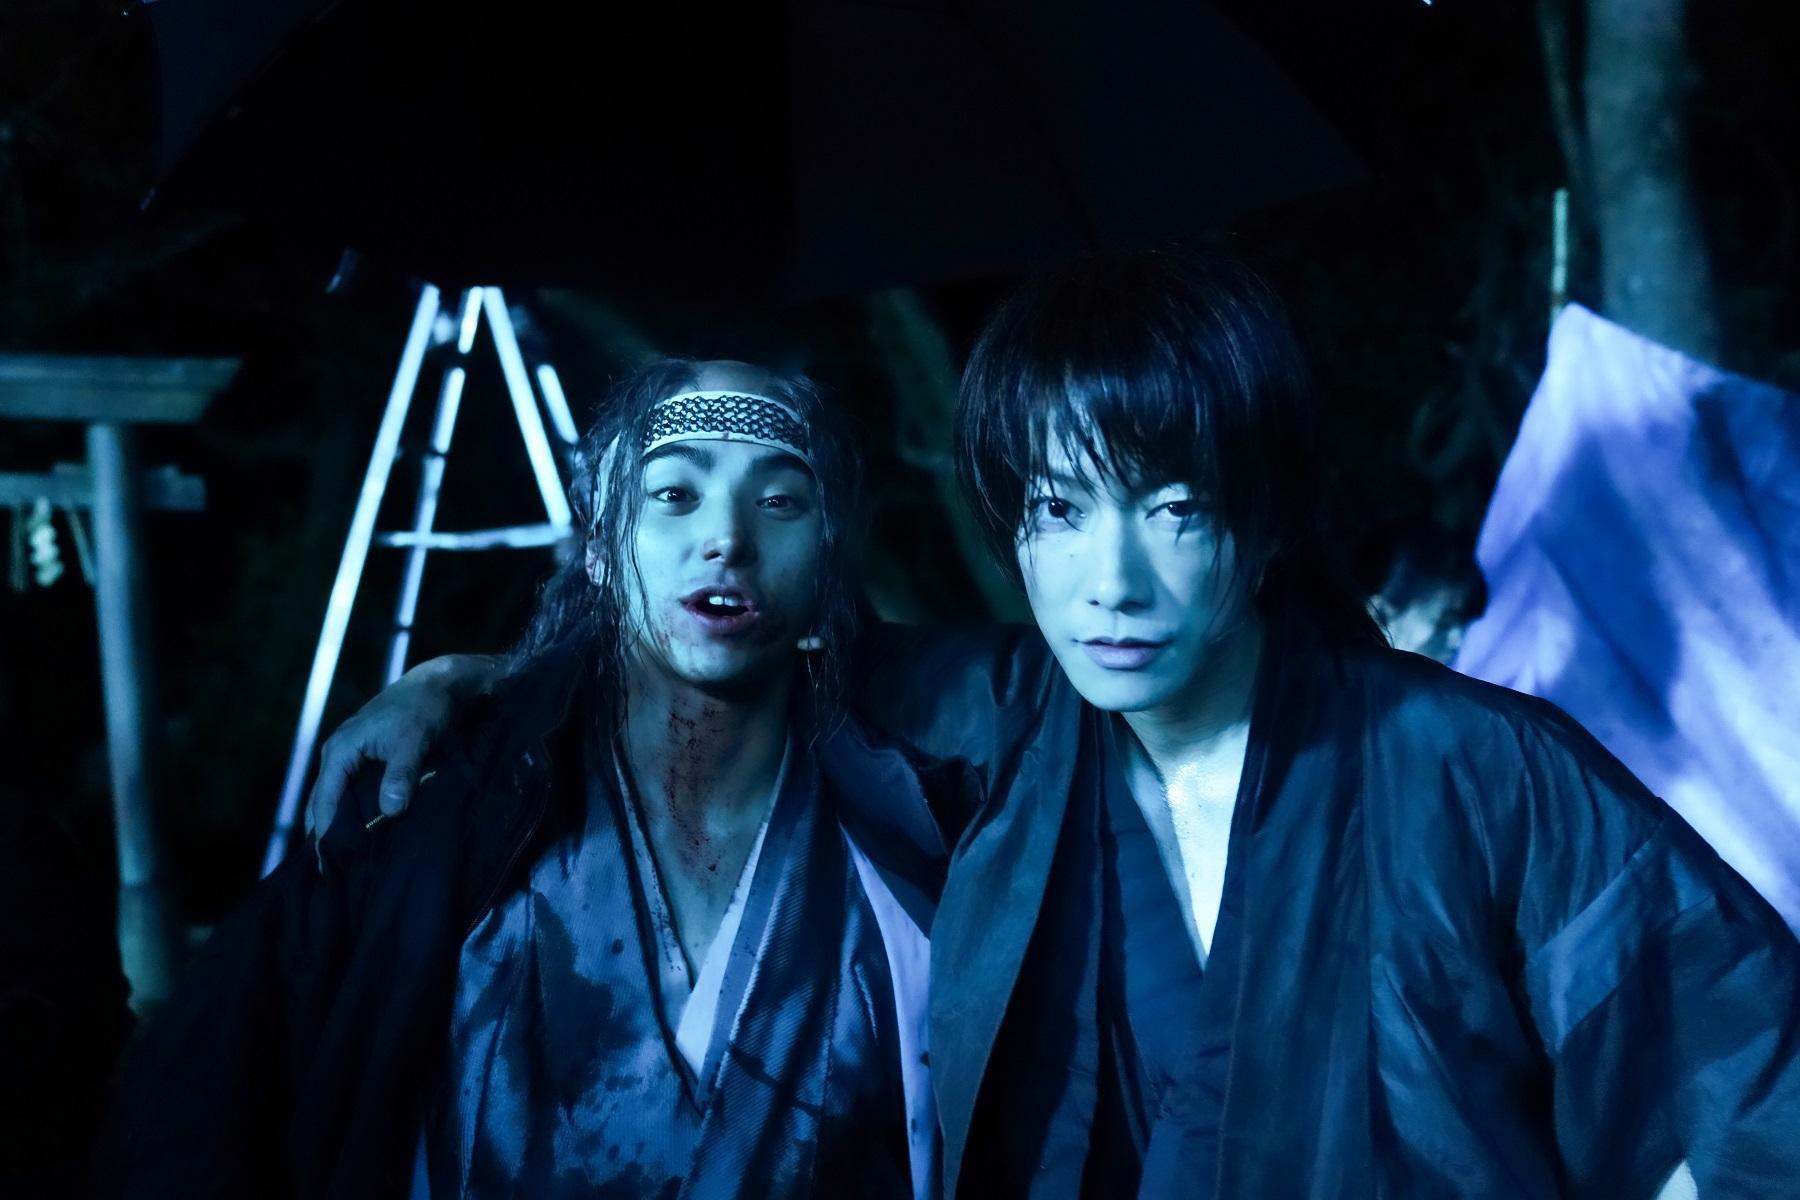 オフショット (C)和月伸宏/ 集英社(C)2020 映画「るろうに剣心 最終章 The Beginning」製作委員会